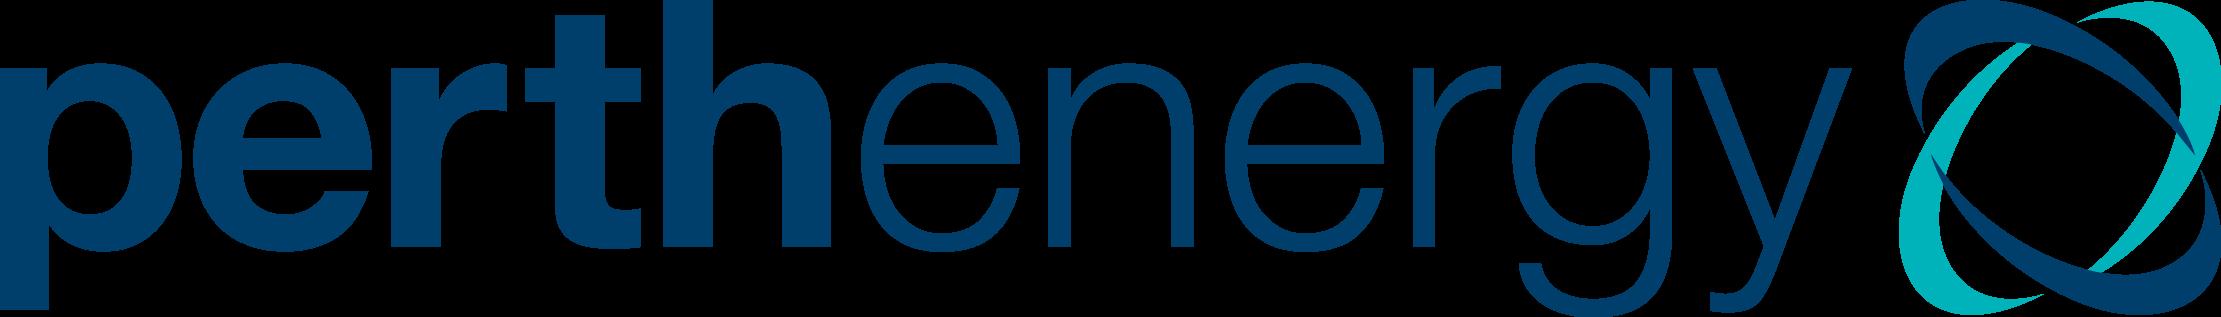 Perth Energy